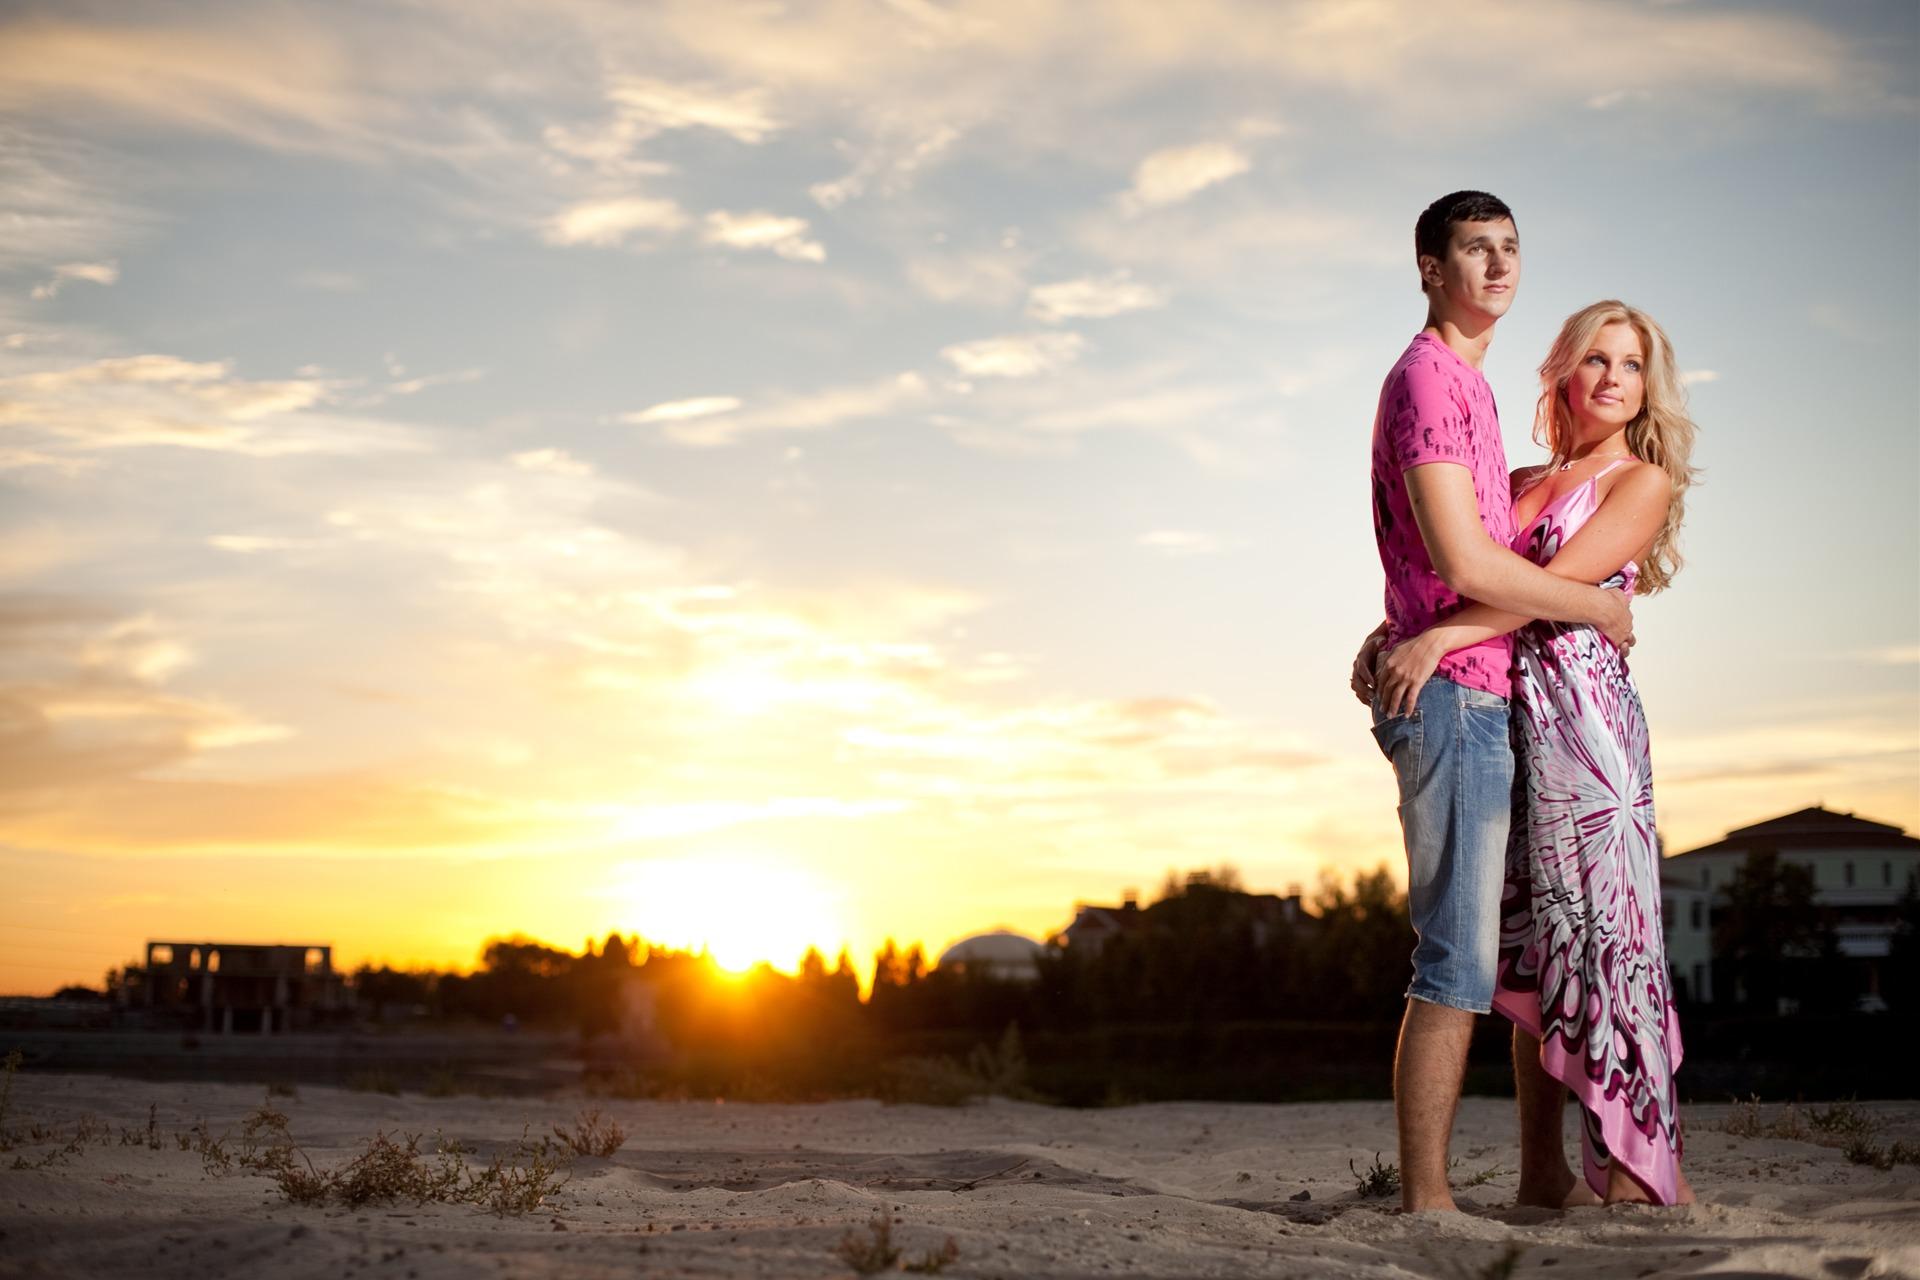 Фото идеи для фотосессии летом с парнем